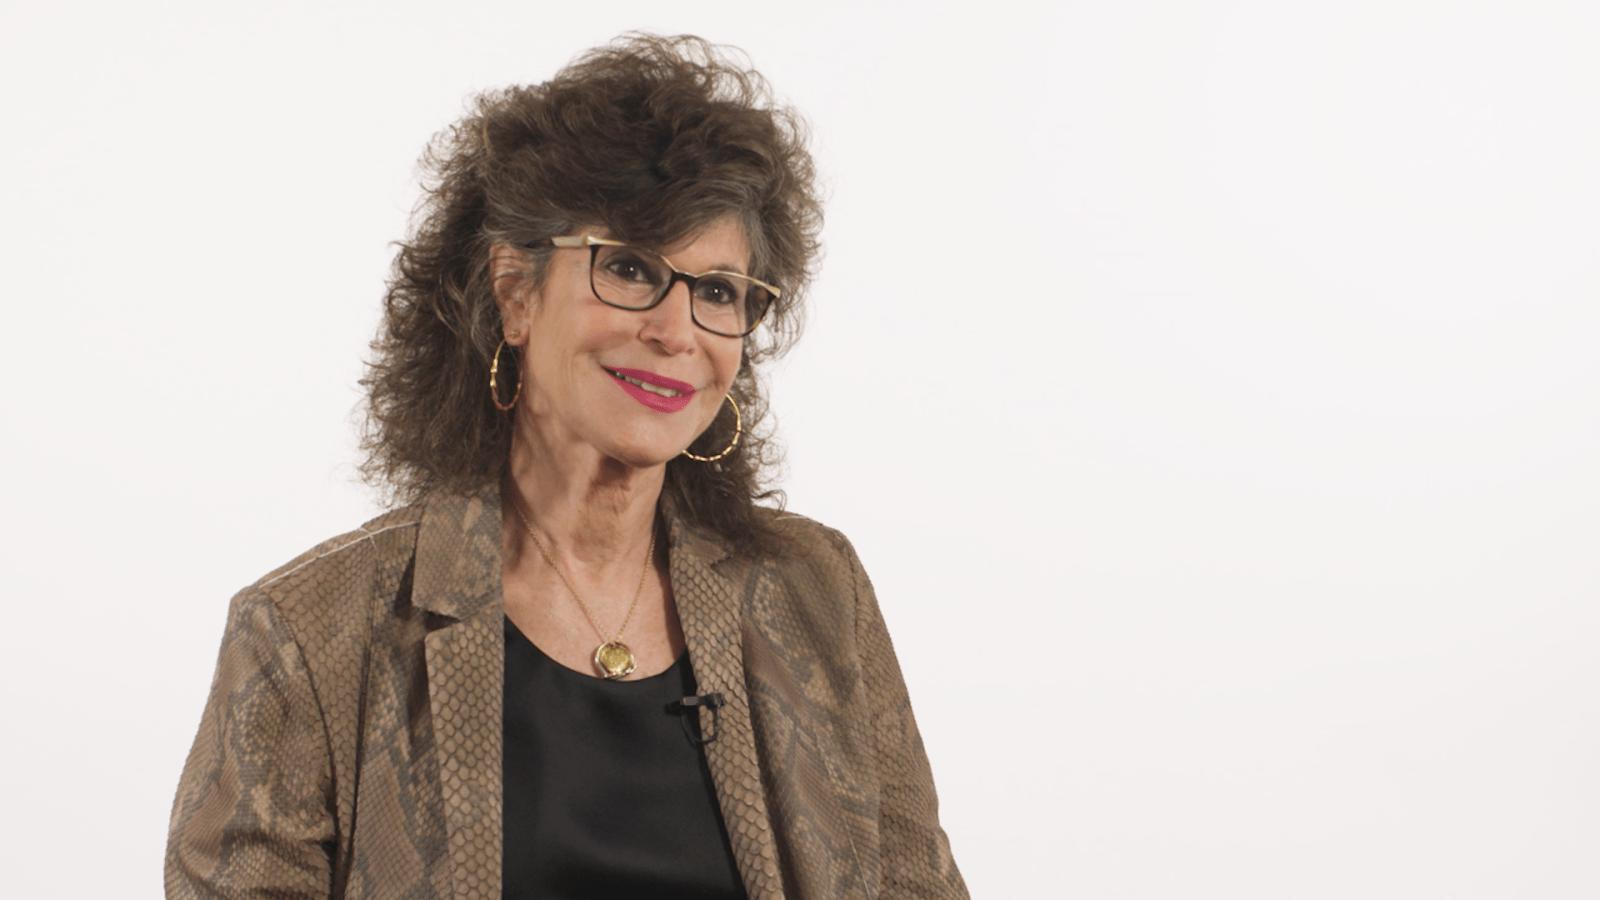 """Soshana Zuboff, socióloga, profesora emérita en la Harvard Business School y escritora estadounidense, en el documental """"The Social Dilemma""""."""